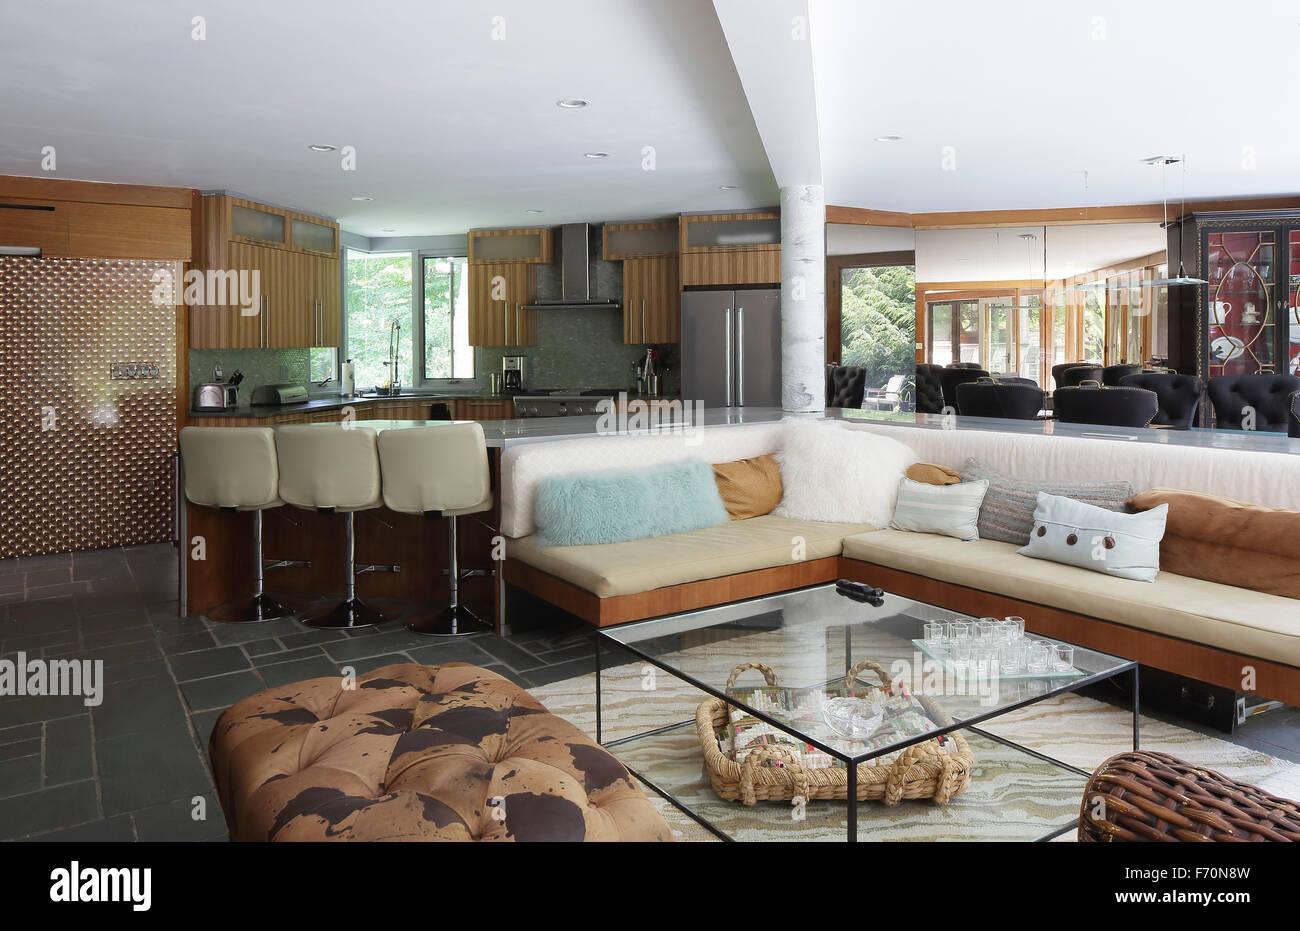 Usonia Home Kitchen